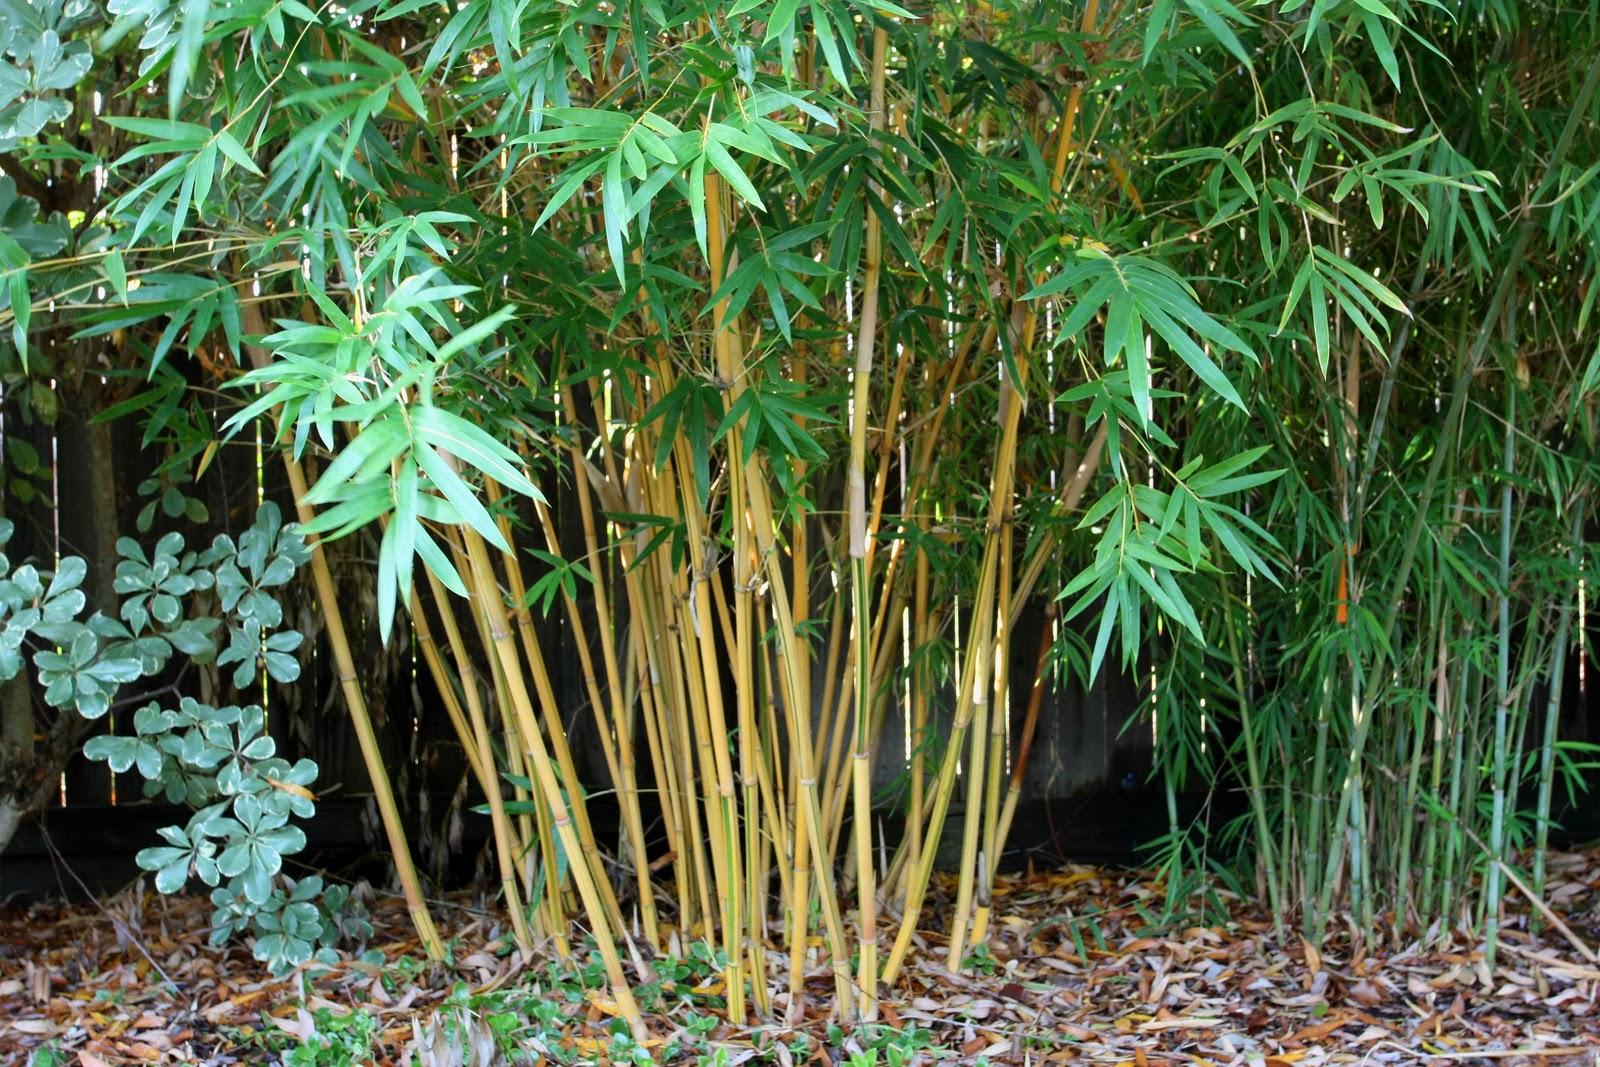 El bamb en el jard n jard n y terrazas - Bambu para jardin ...